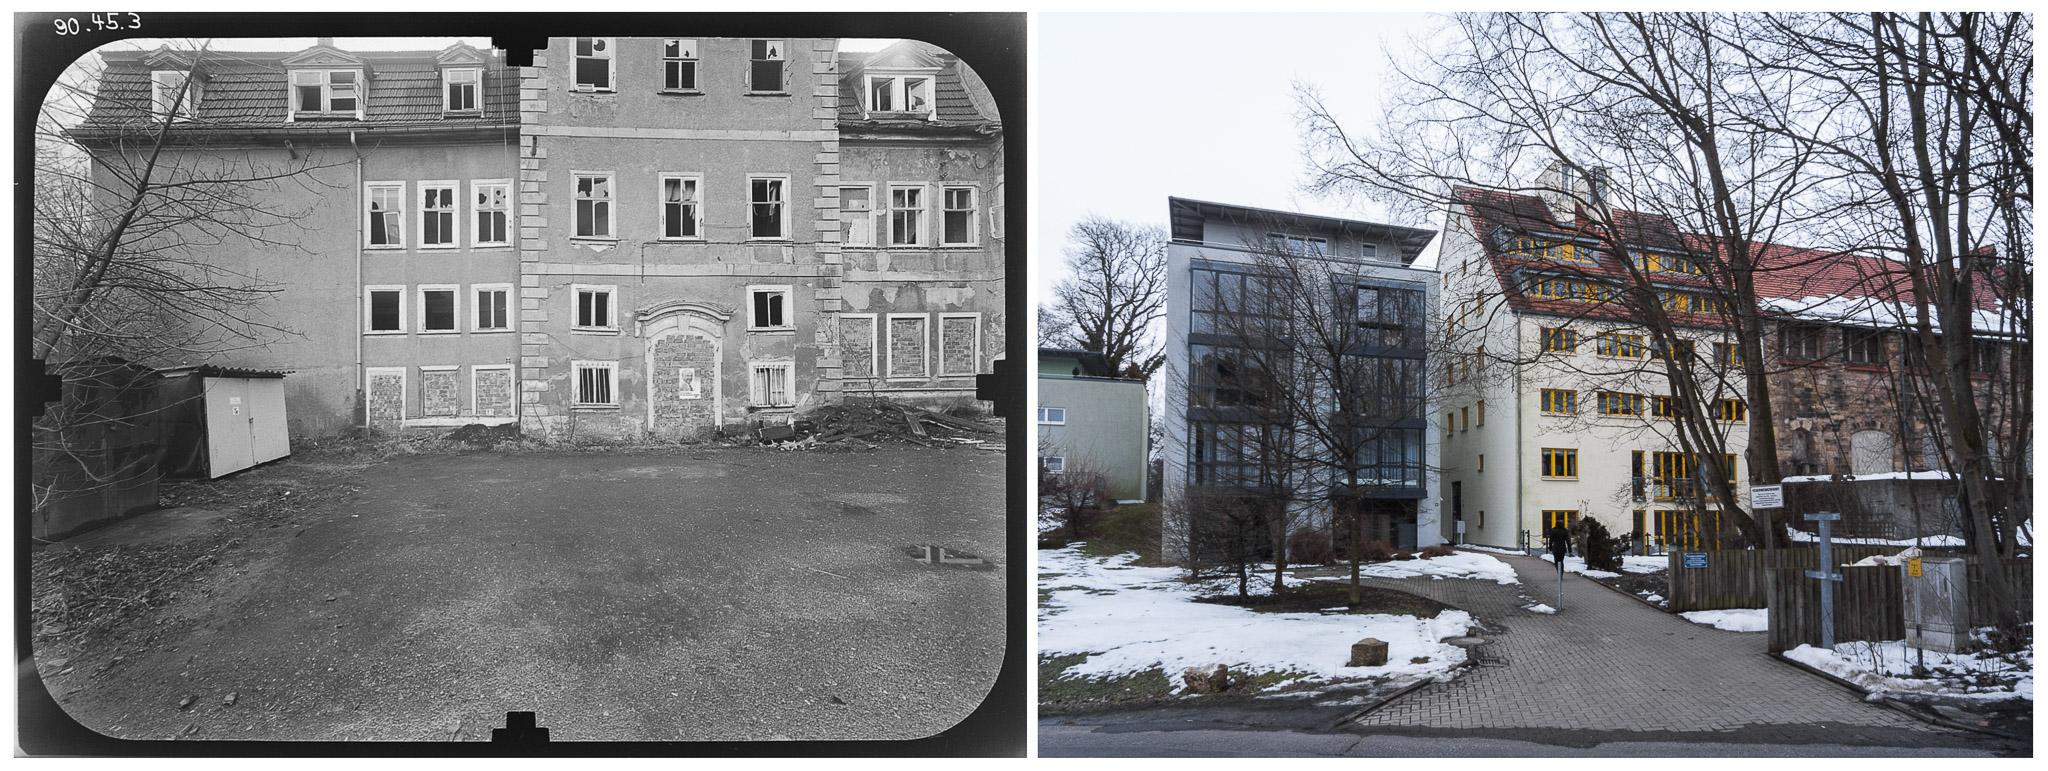 Die Alte Münze in Gotha- DDR 80er Jahre im Vergleich zu Heute - Gotha Gestern & Heute